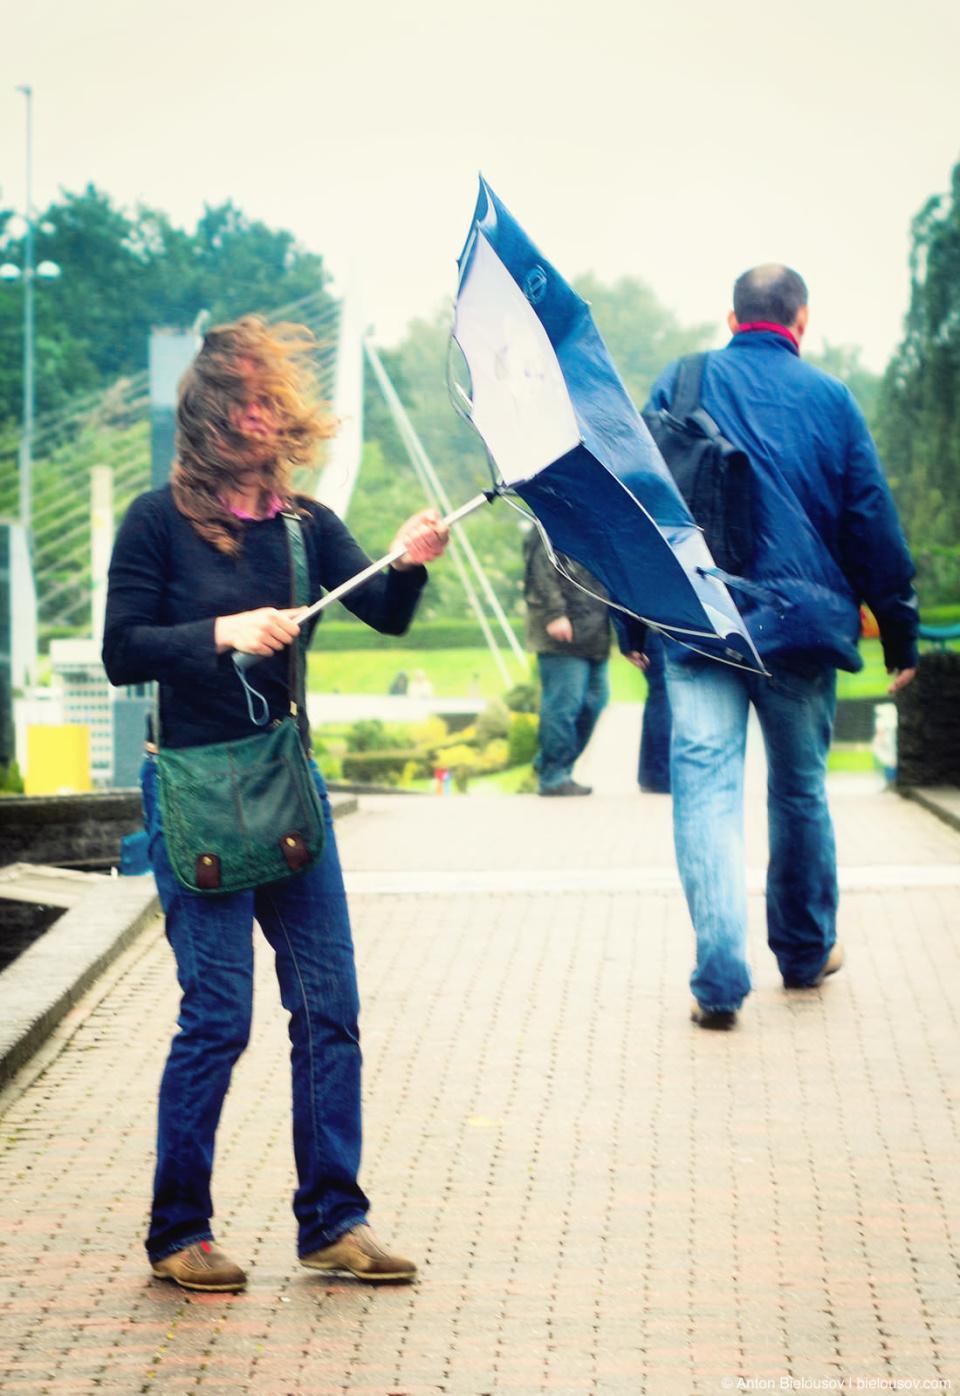 Штормовой ветер выворачивает зонты наизнанку в Гааге